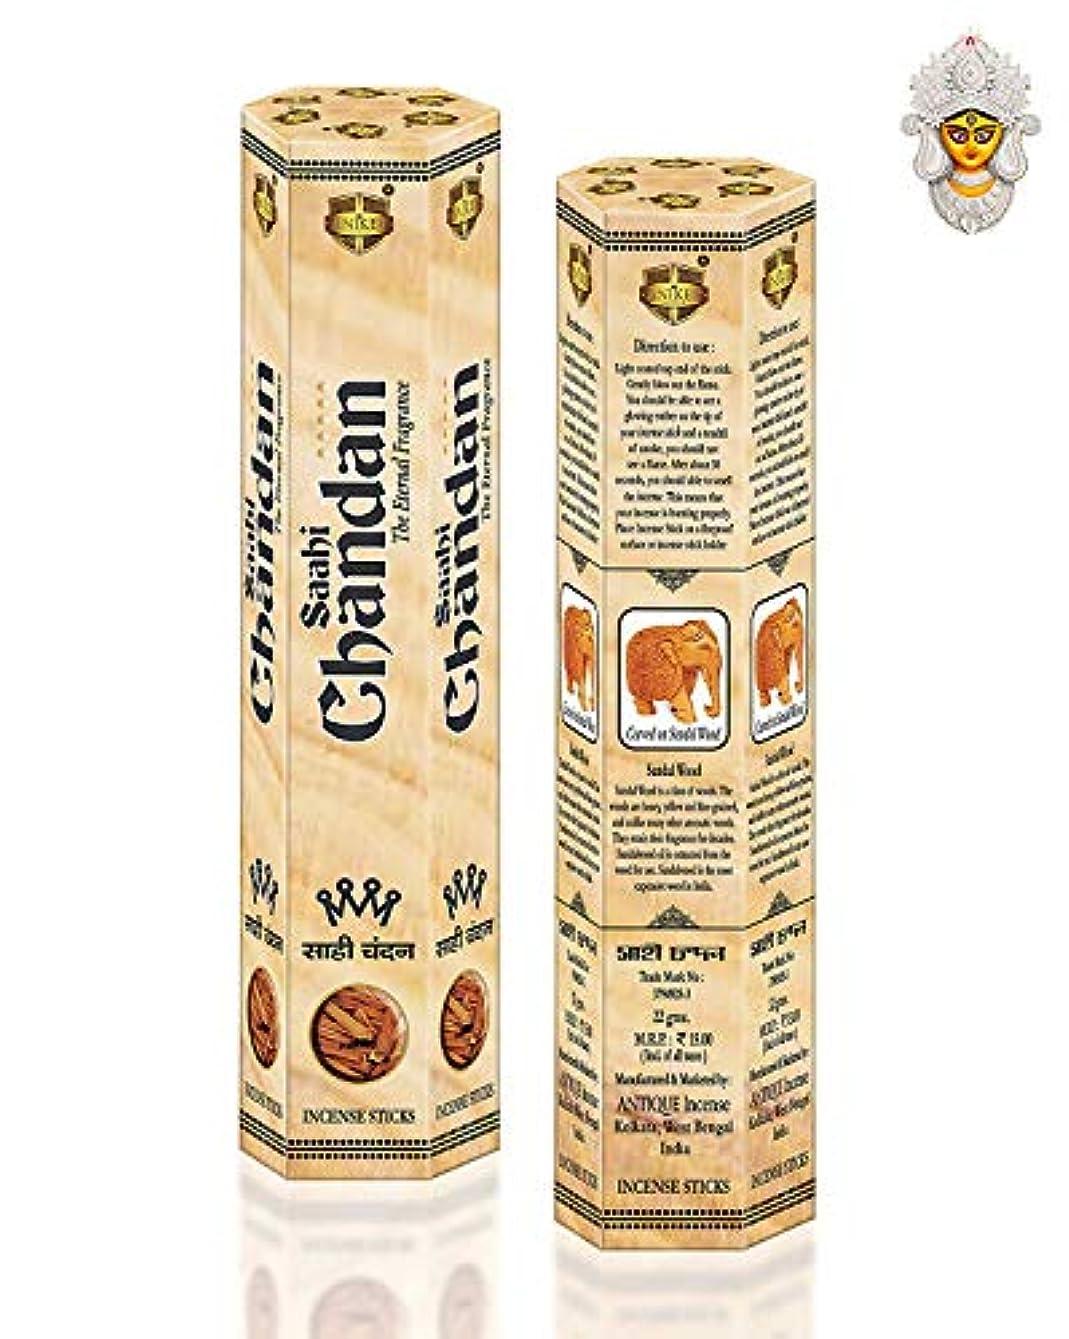 アリスきれいに吸い込むSAAHI CHANDAN Precious Sandal Wood Fragrance Agarbatti (Moisture Proof Pack of 12)